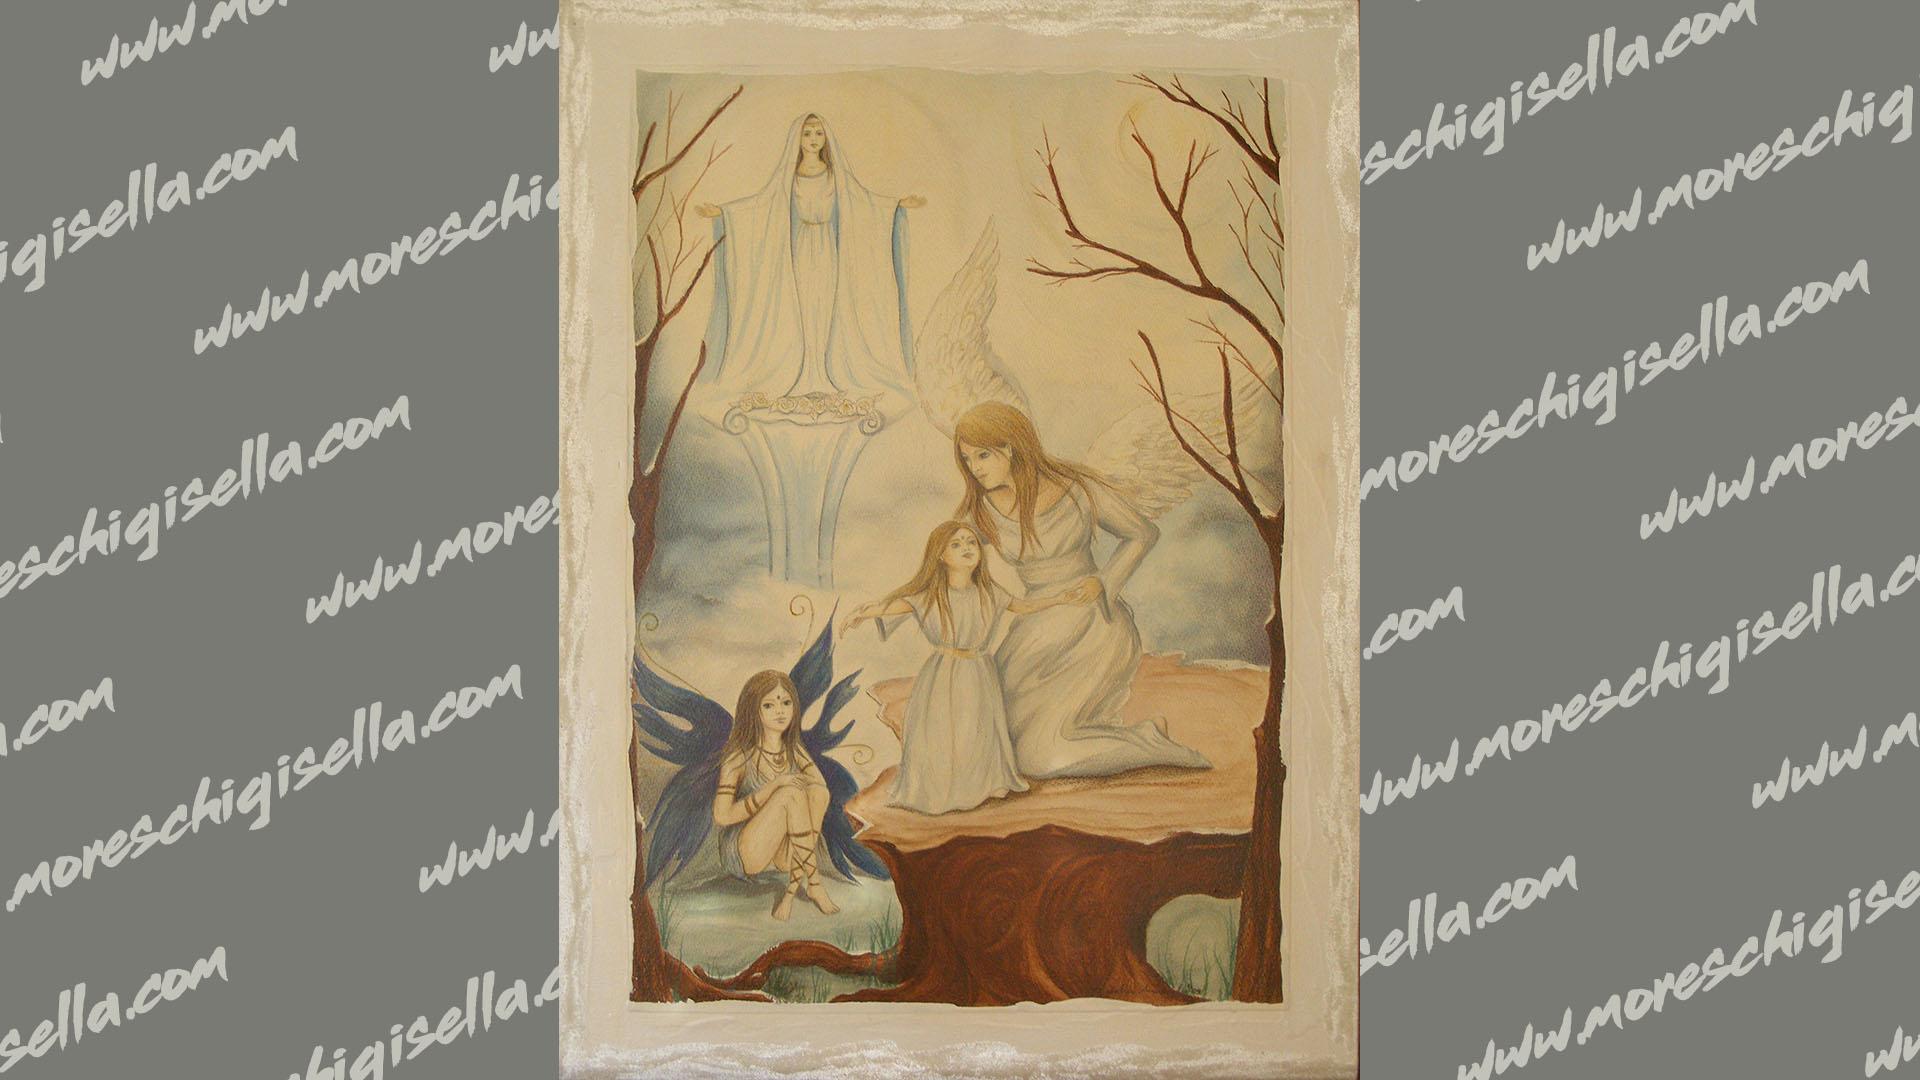 visione celeste- maria con l' angelo e la fata